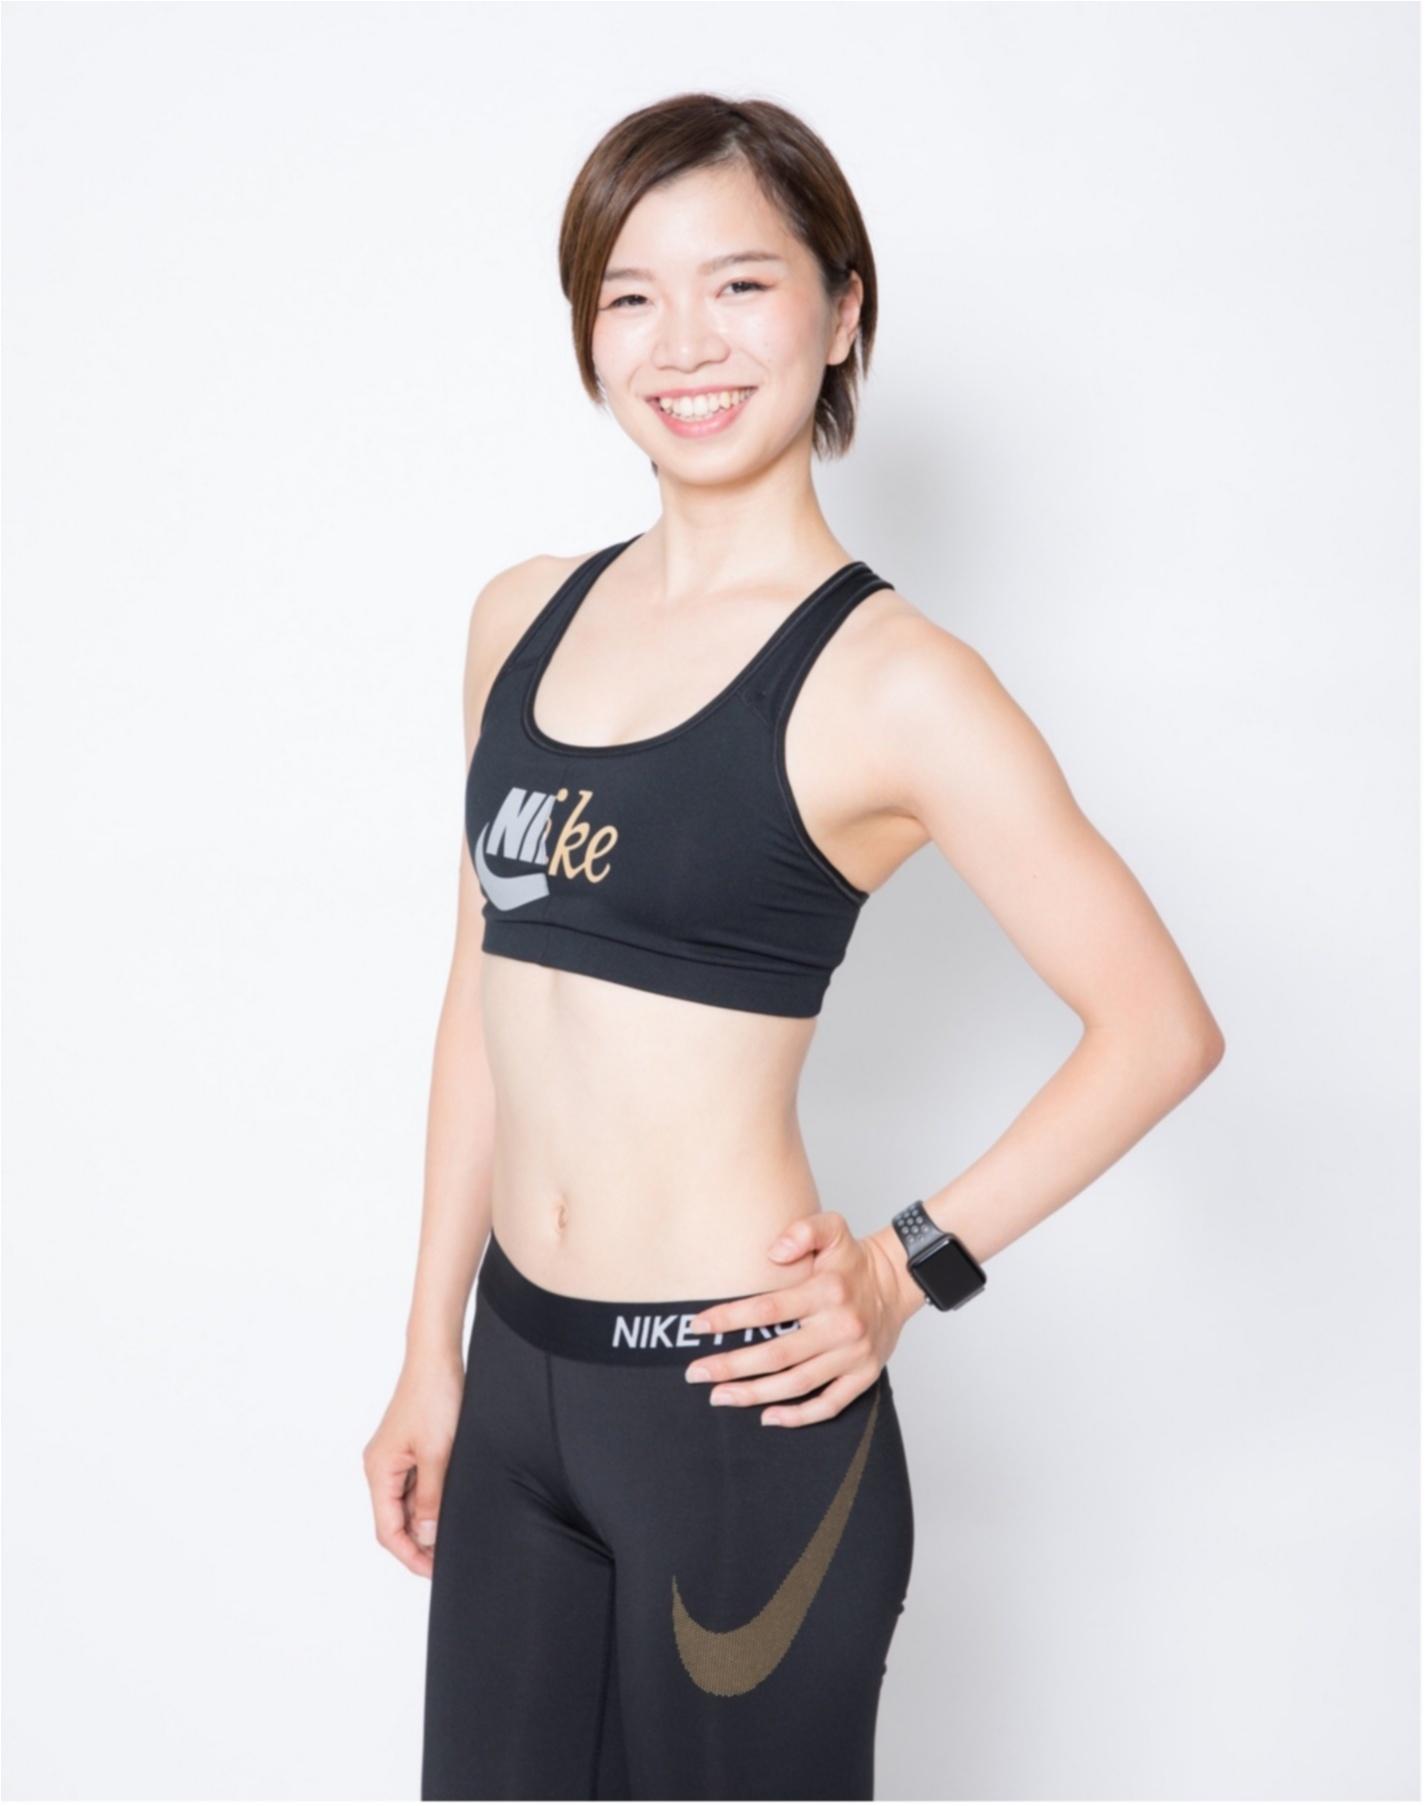 #腹筋女子 になりたい人集合! おうちでできる3つのトレーニング2